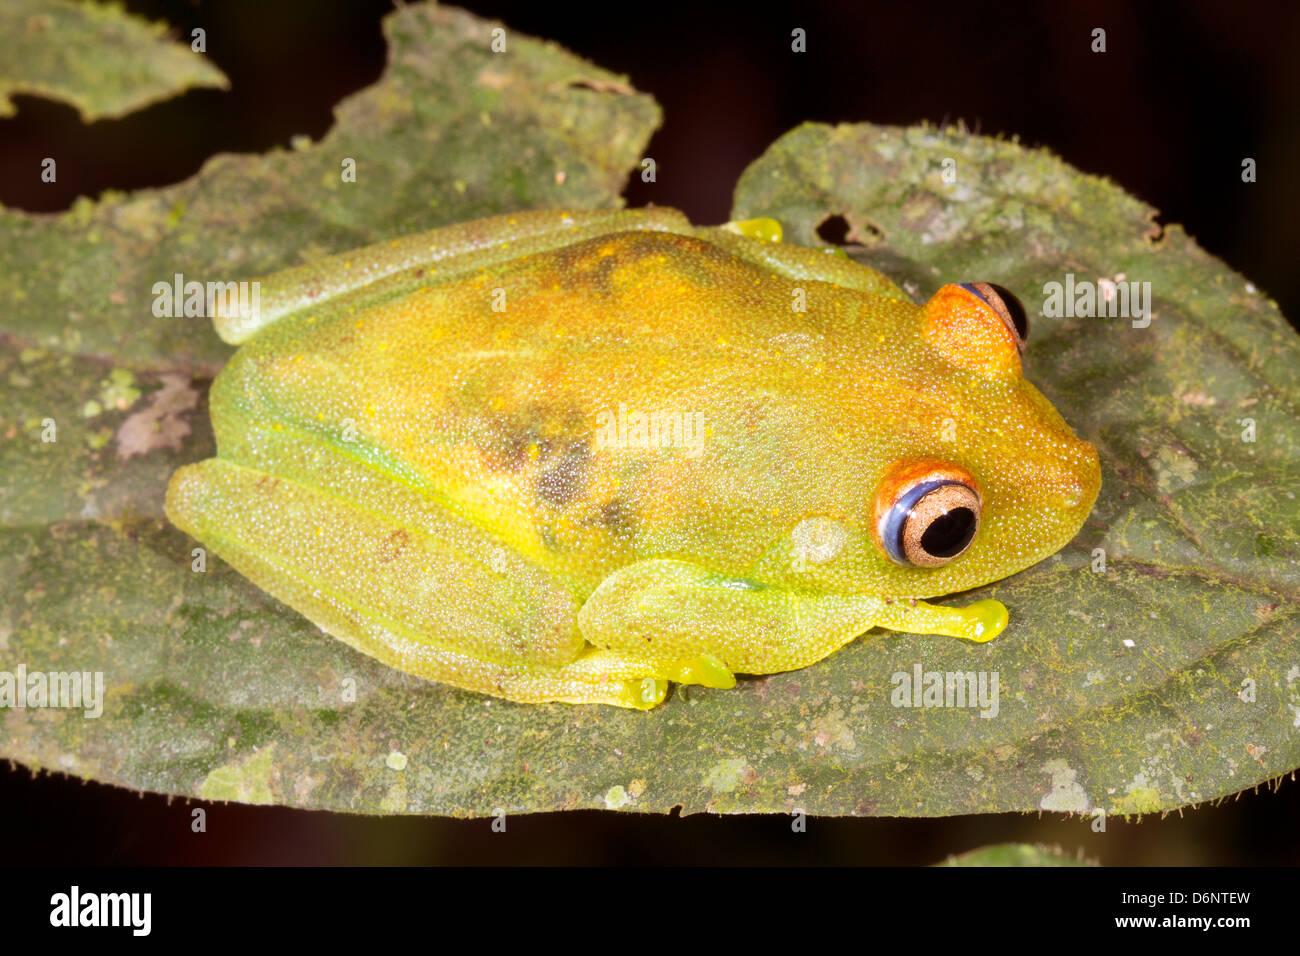 Grobe gehäutet grünes Treefrog (Hypsiboas Cinerascens) im ecuadorianischen Amazonasgebiet Stockbild